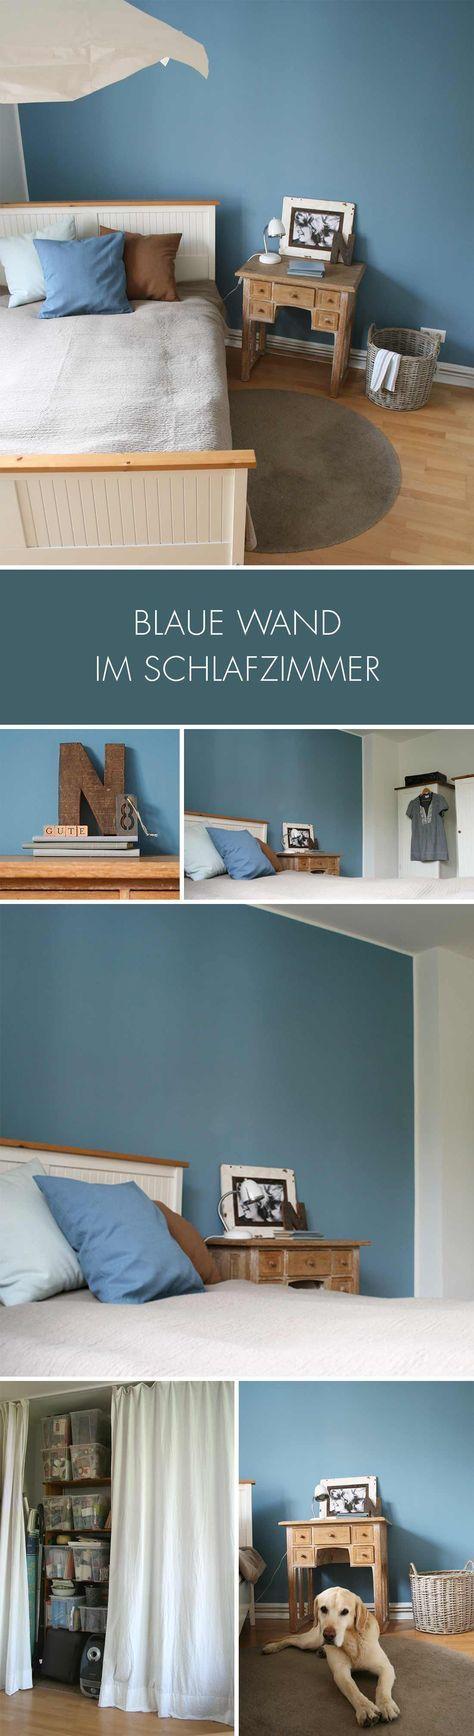 Blaue wand im schlafzimmer und wie ich eine praktische - Blaue wand wohnzimmer ...